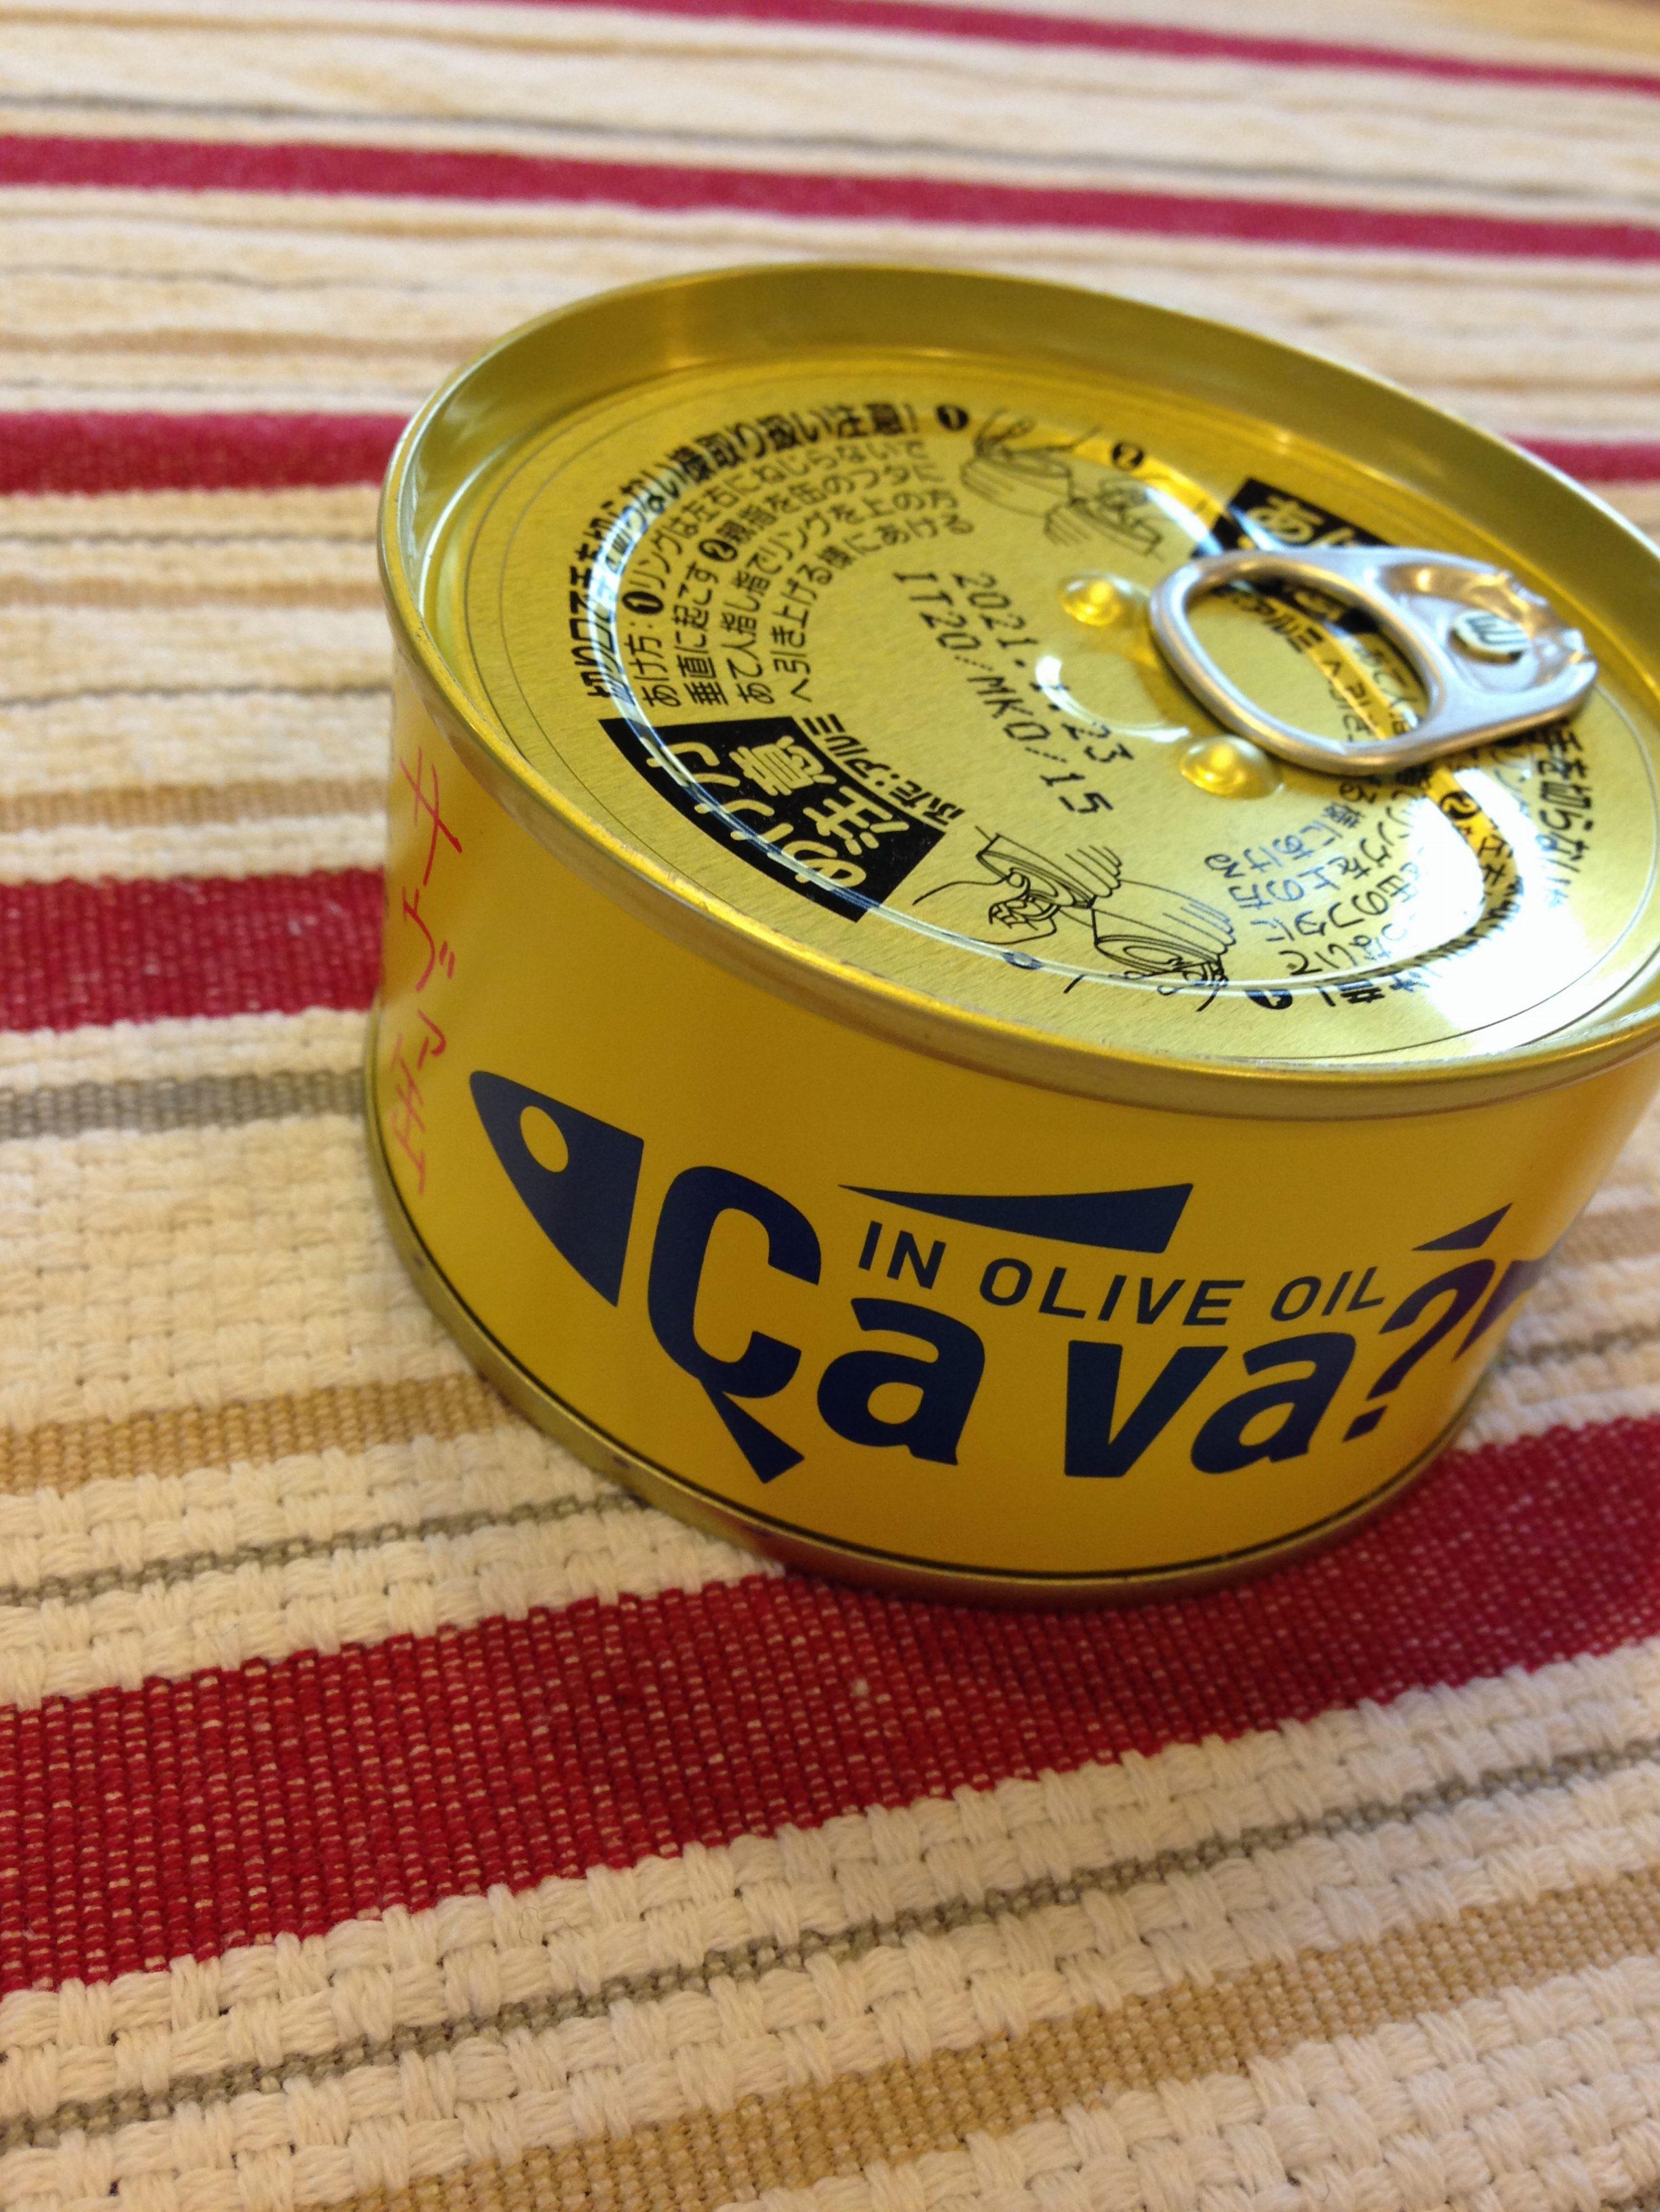 さばのオリーブオイル漬けのサヴァ缶